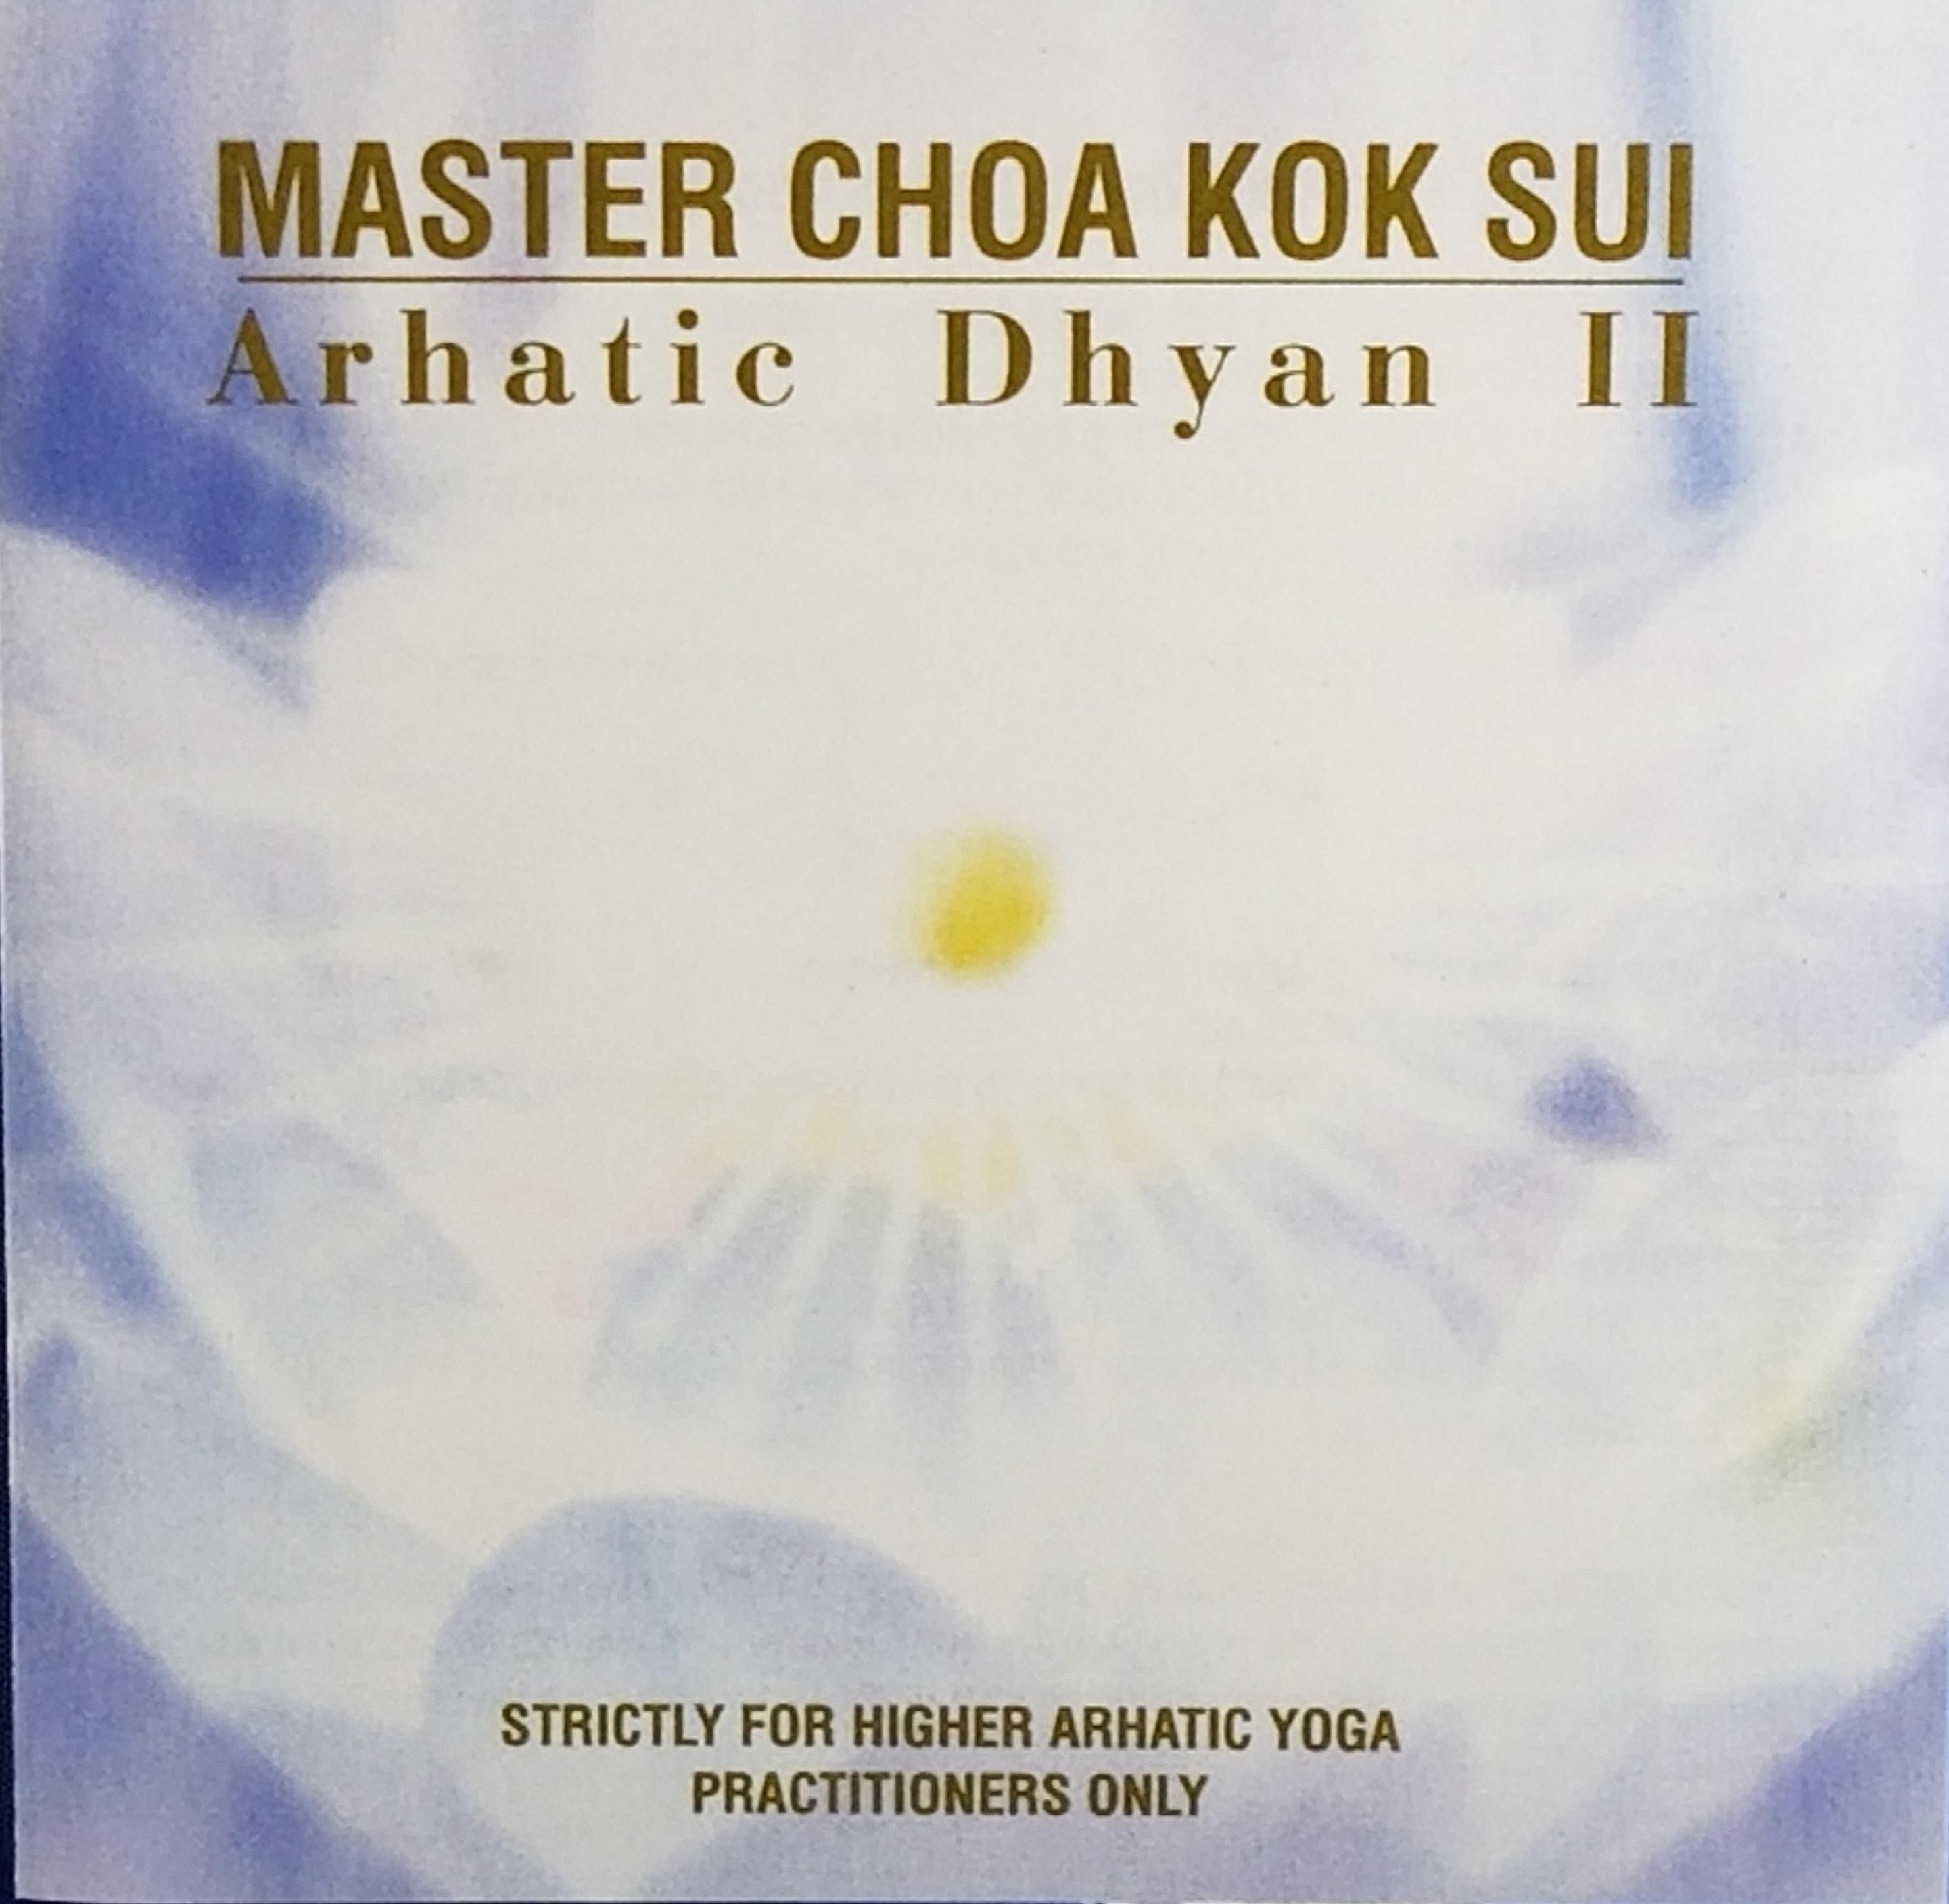 Arhatic Dhyan II